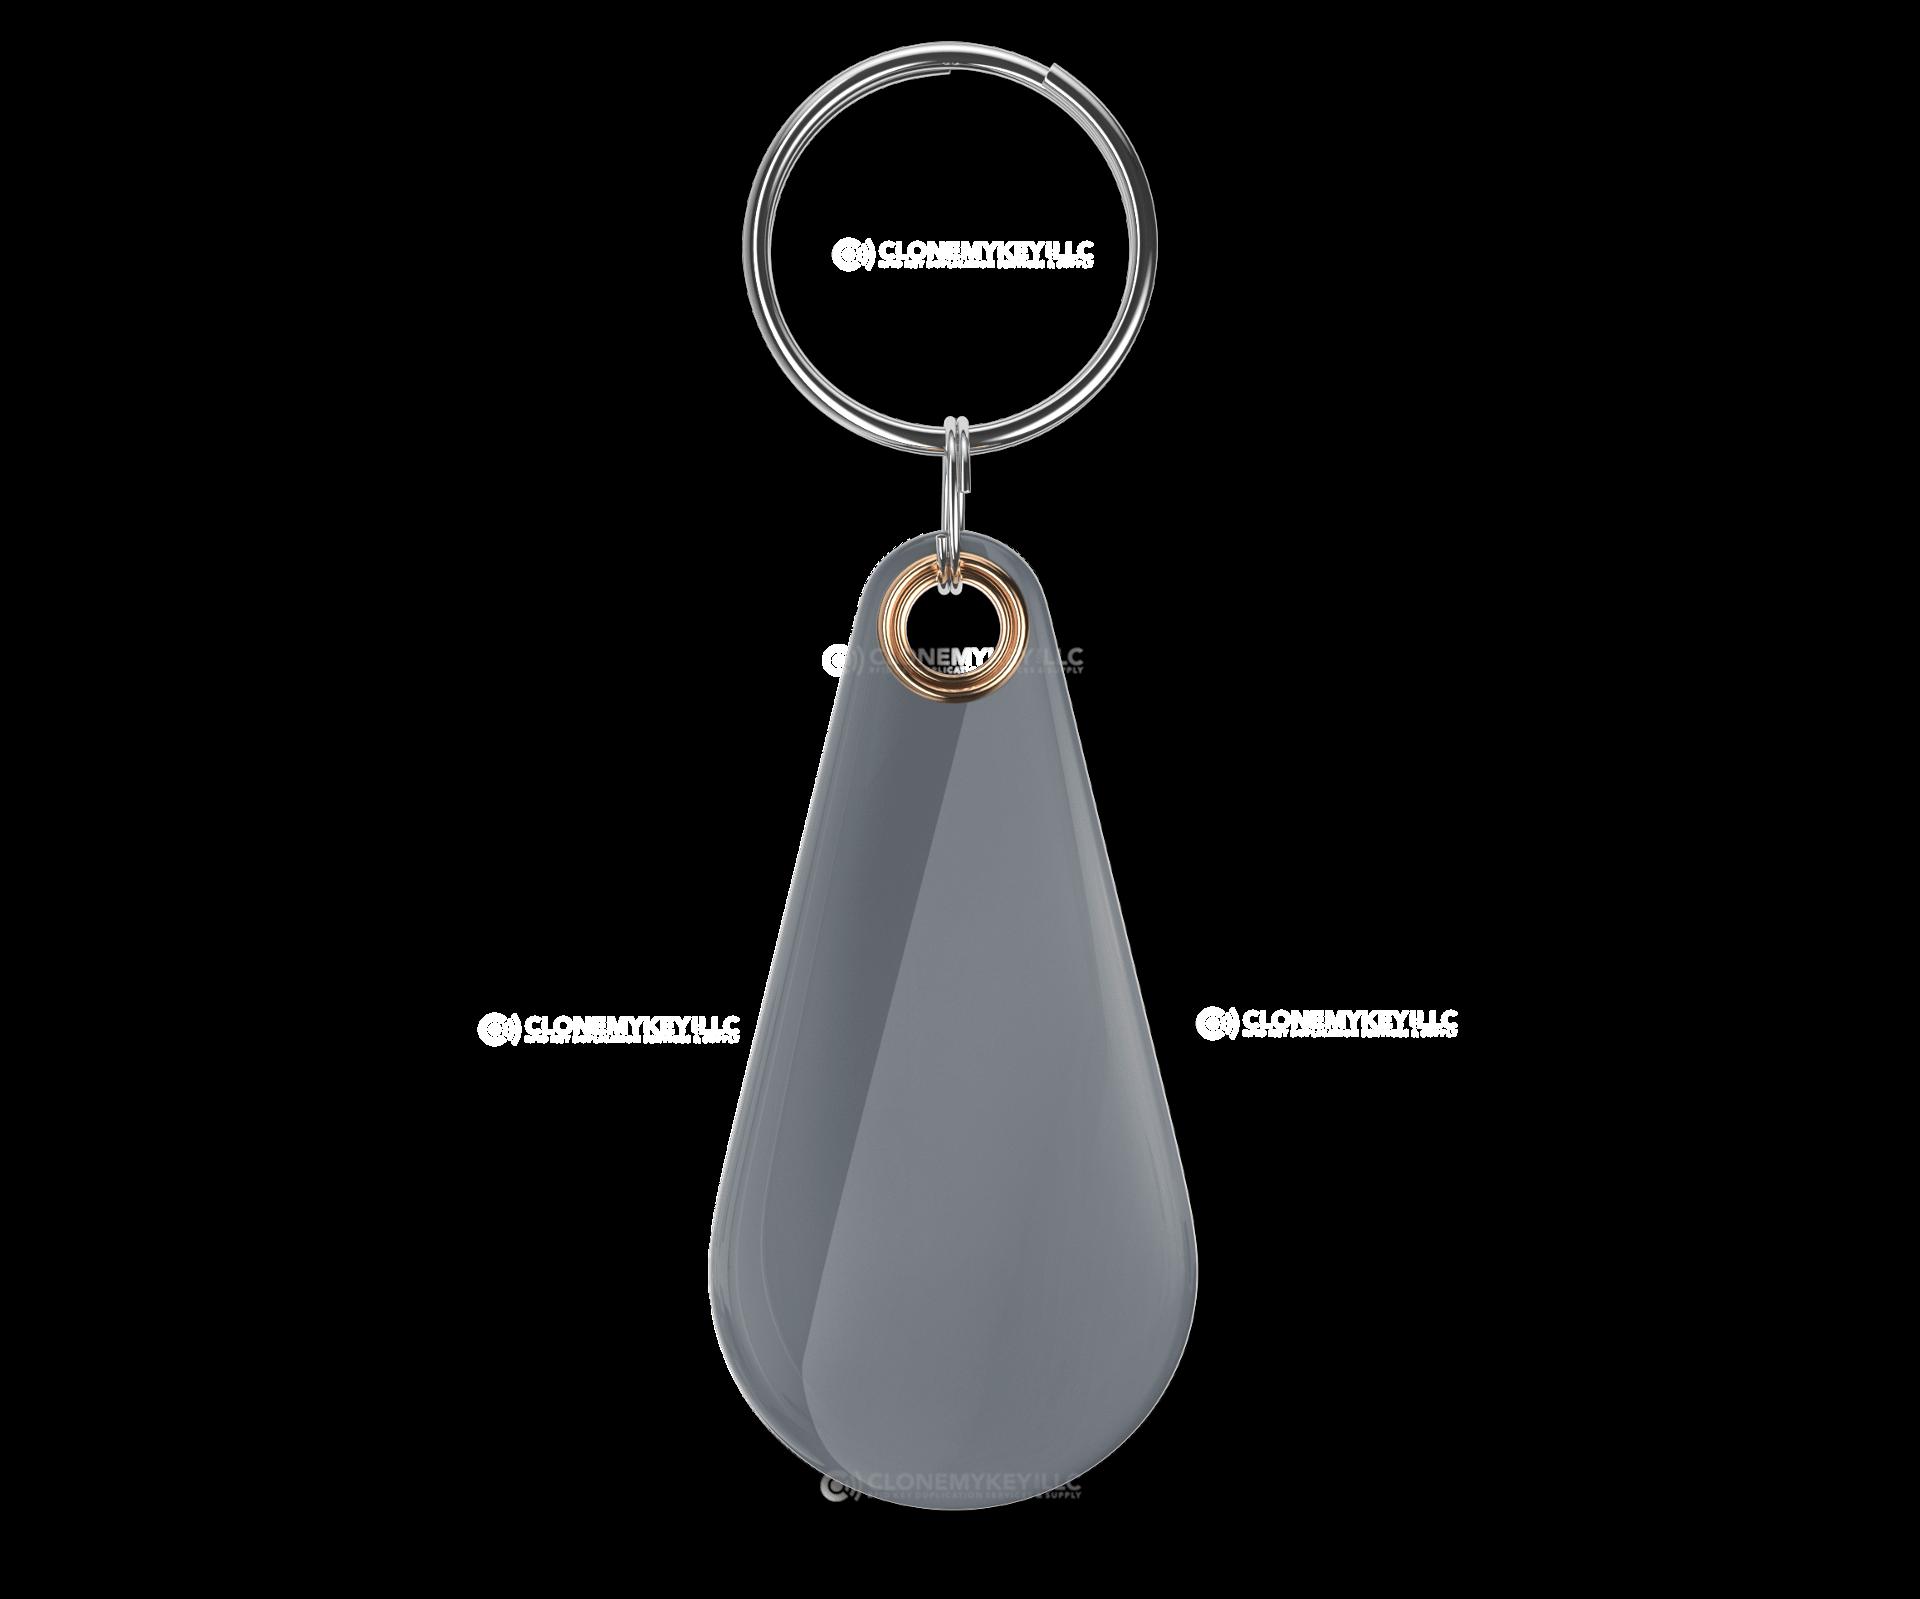 RFID Epoxy Thin Grey Key Fob Blank